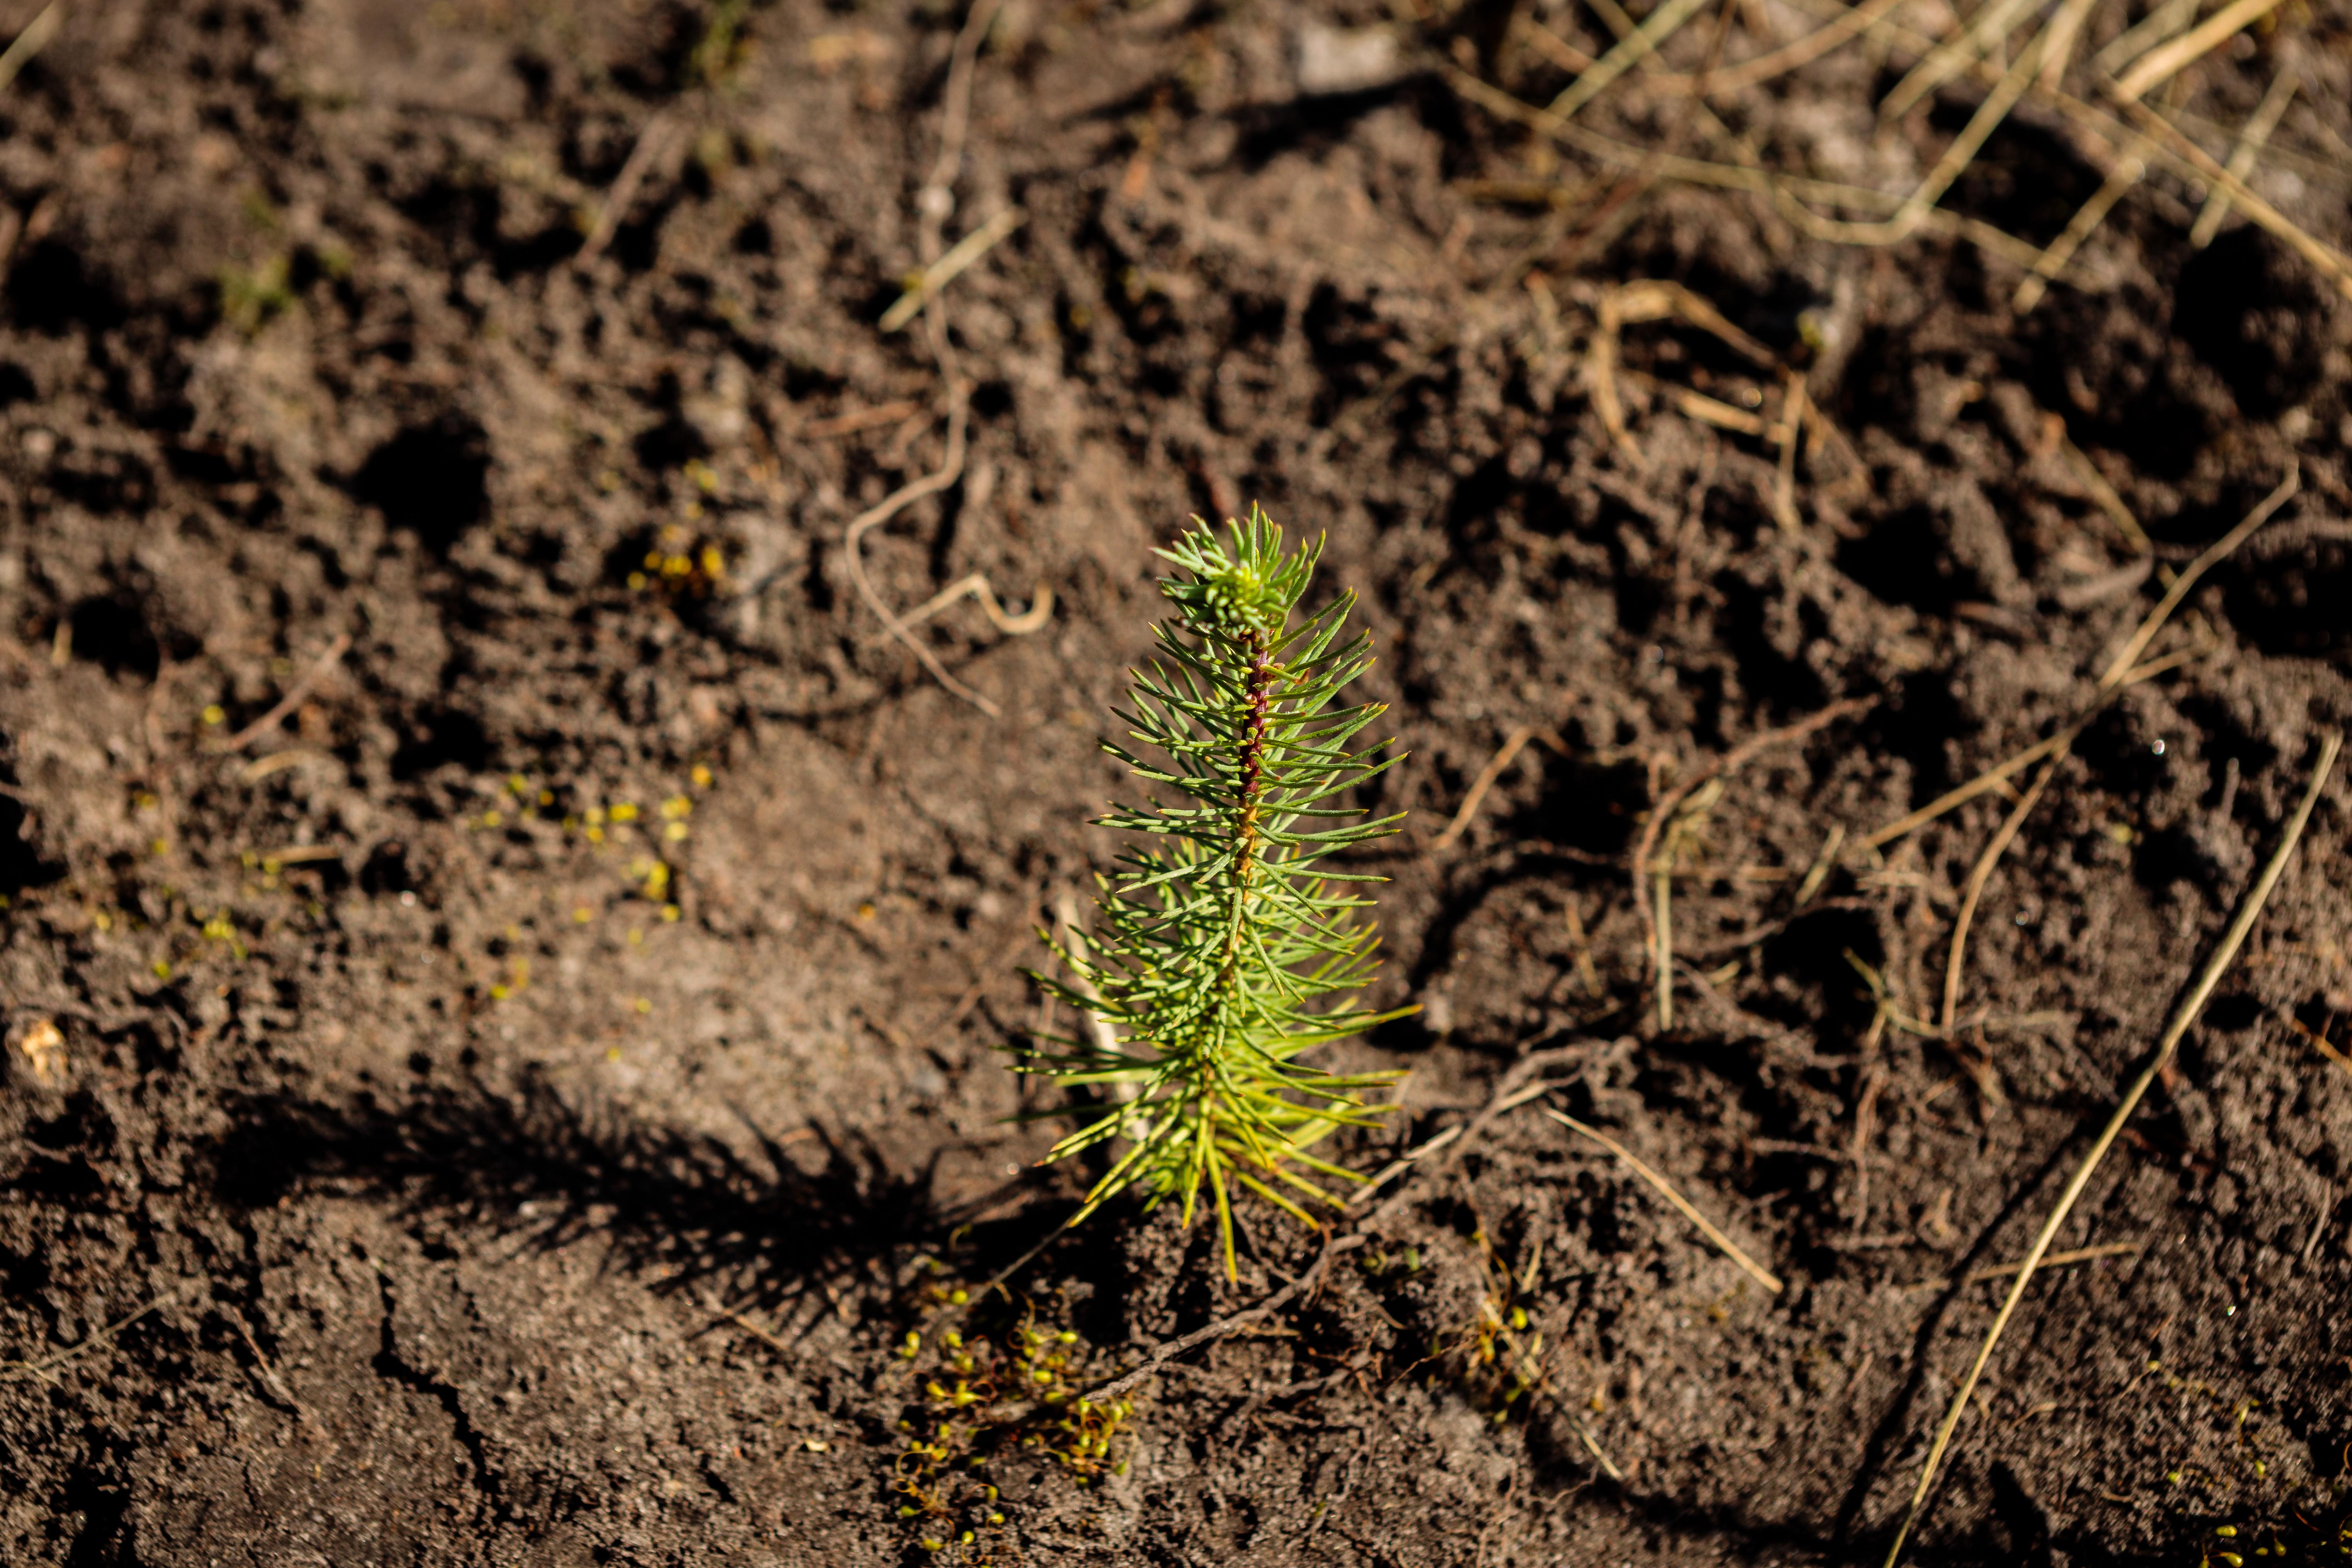 Sacoor Brothers planta 10 mil árvores no Pinhal de Leiria